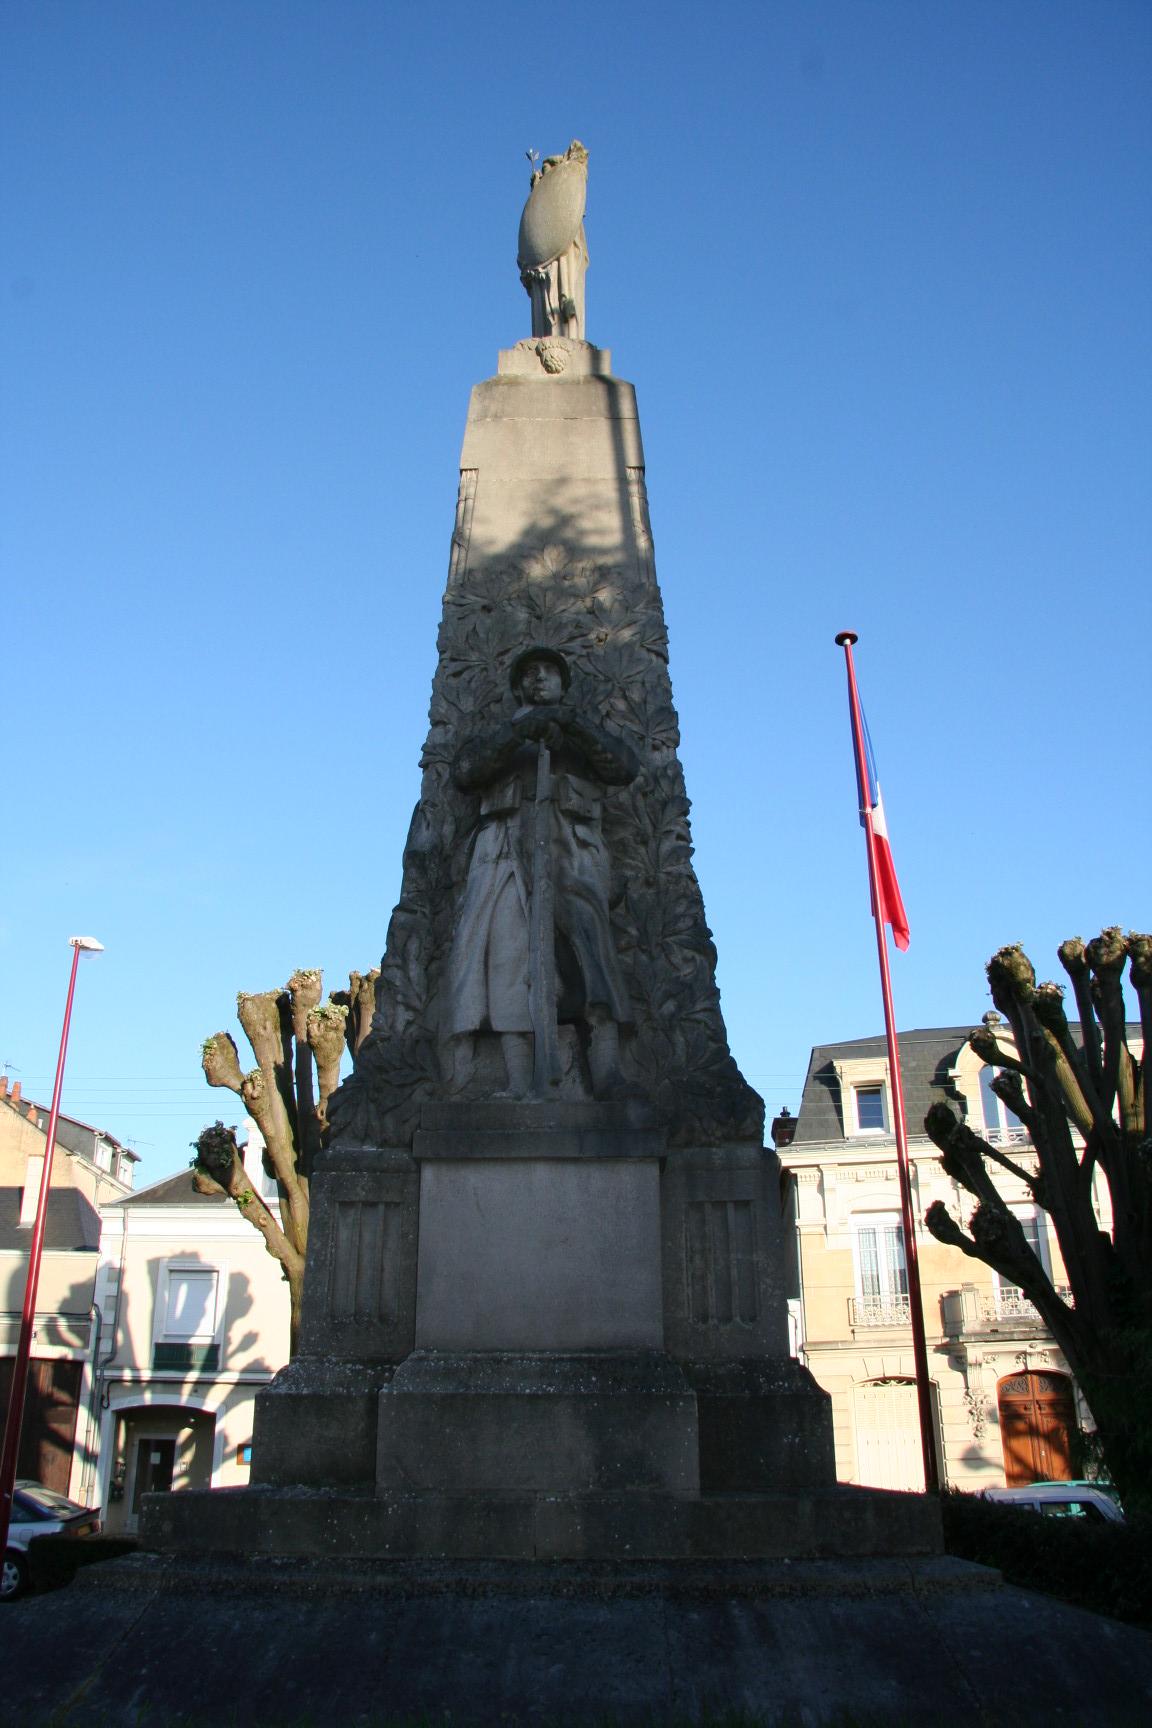 Le Mans en 2010 - Monument commémoratif - Avenue de la Libération - La Sarthe à ses enfants morts pour la France - Vue 04 (Sylvie Leveau)